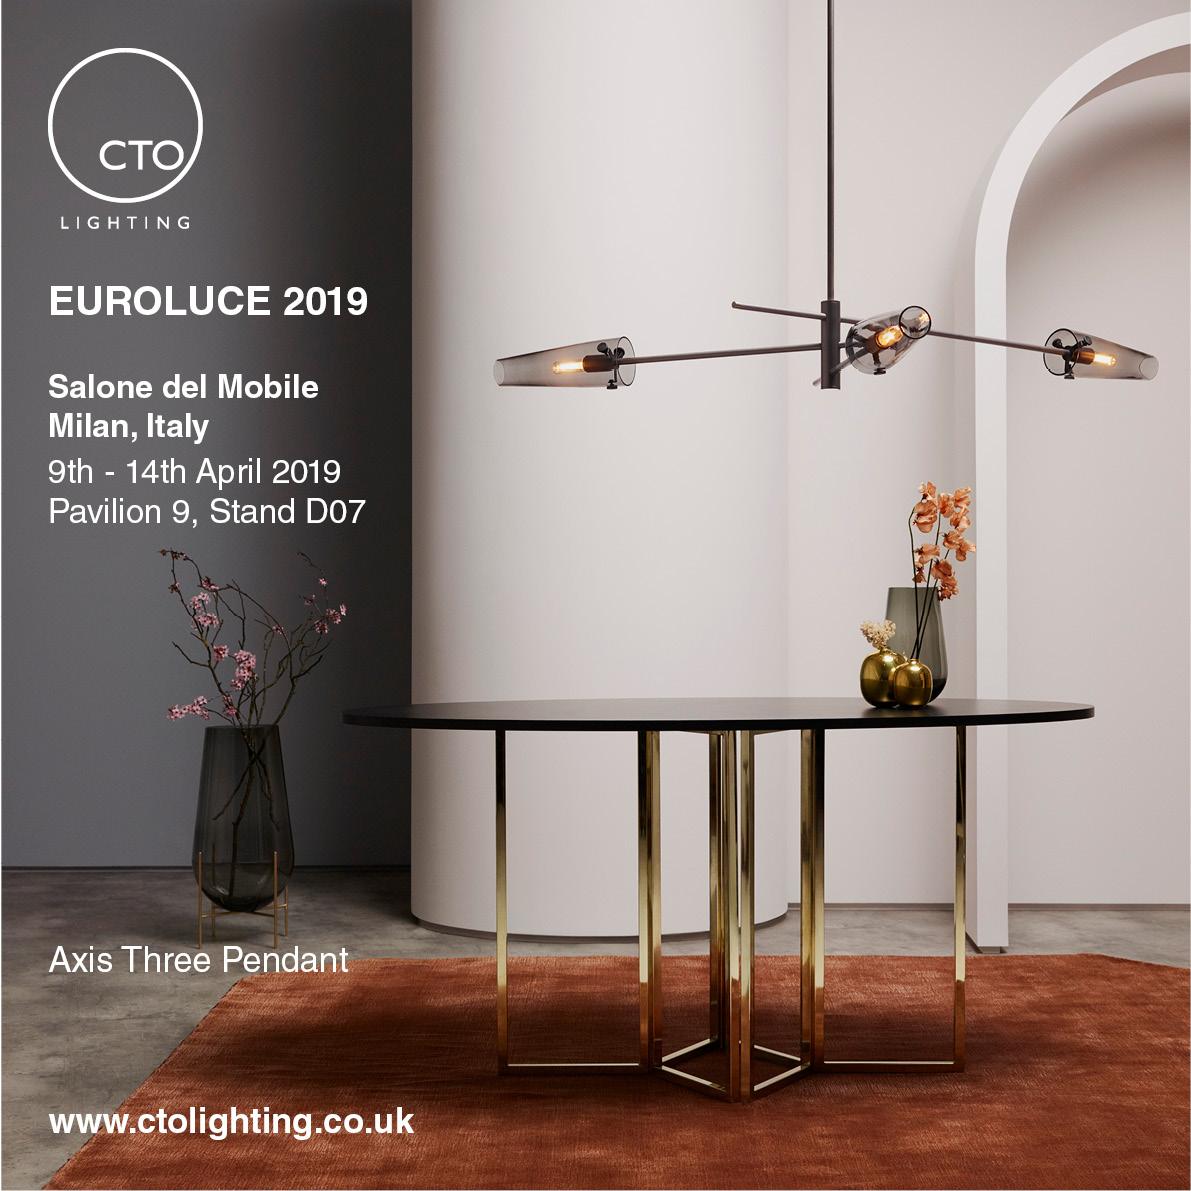 Banner 2019 - Euroluce Axis3 squarejpg